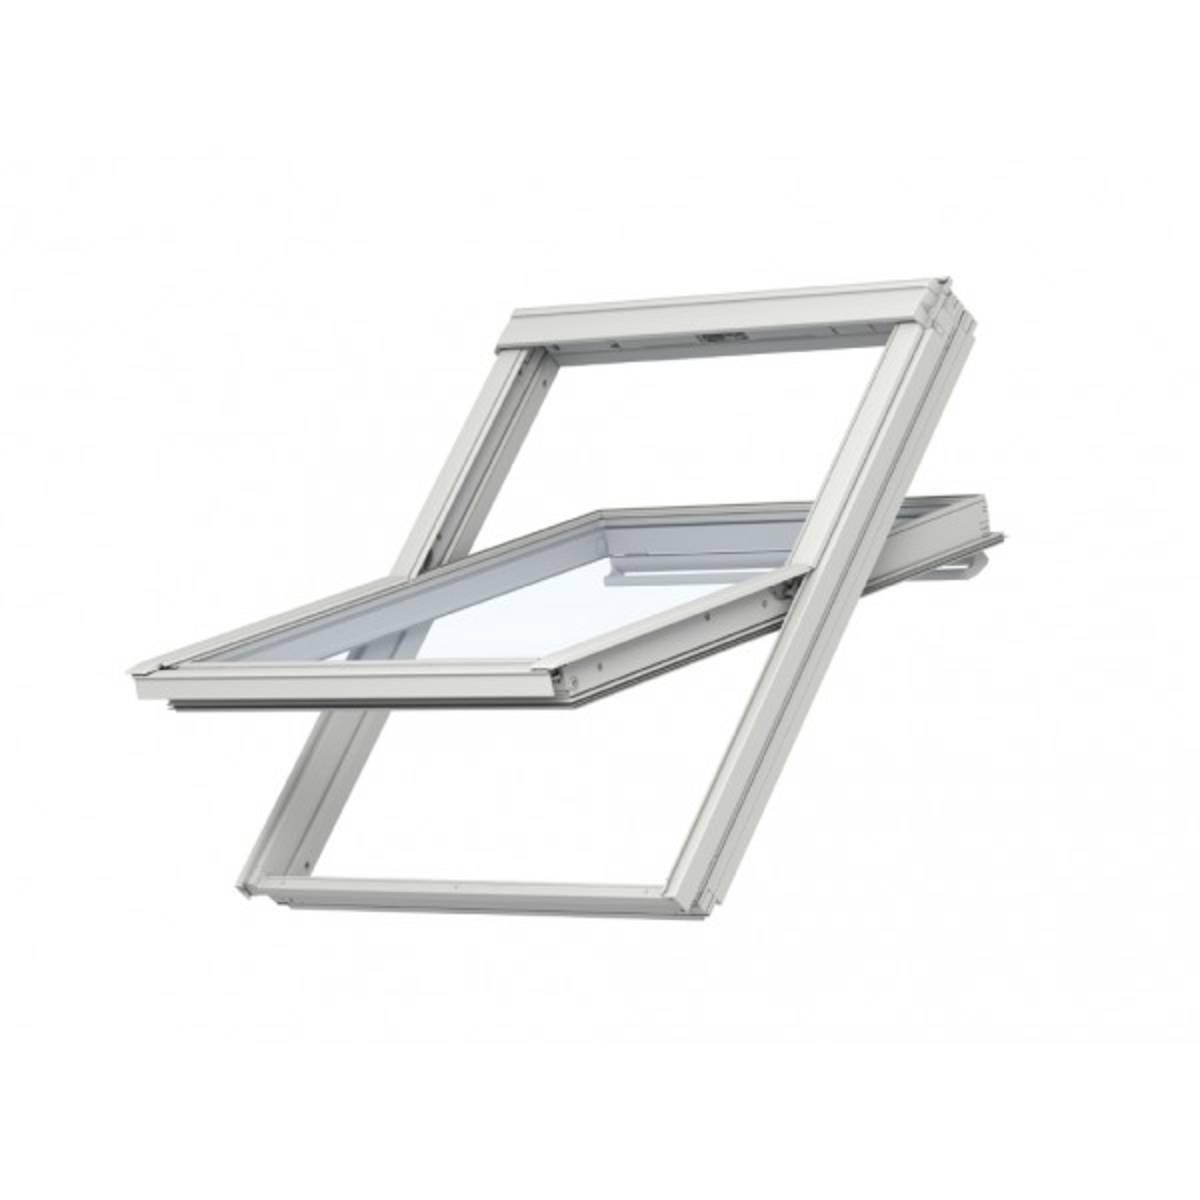 Fenêtre à rotation Confort (finition blanche) 114x118 cm SK06 - GGU 0076